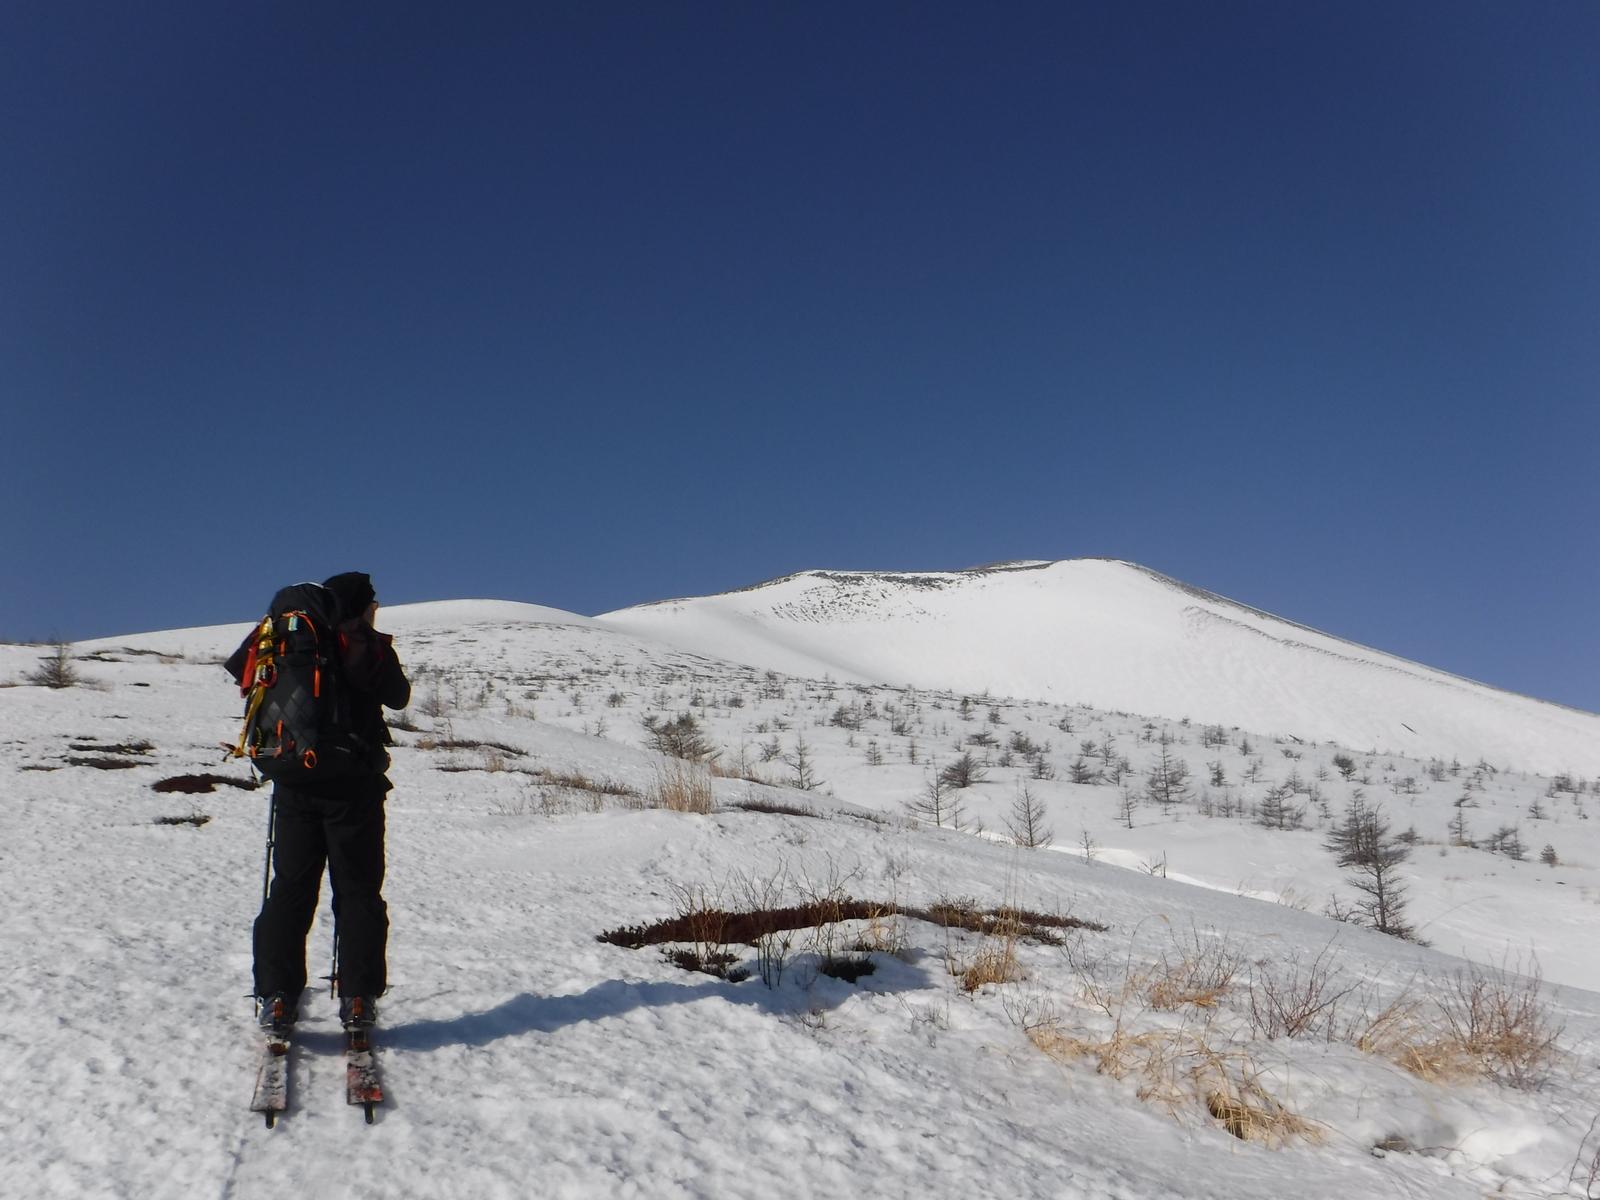 8:15 東前掛け山方面の稜線を望む